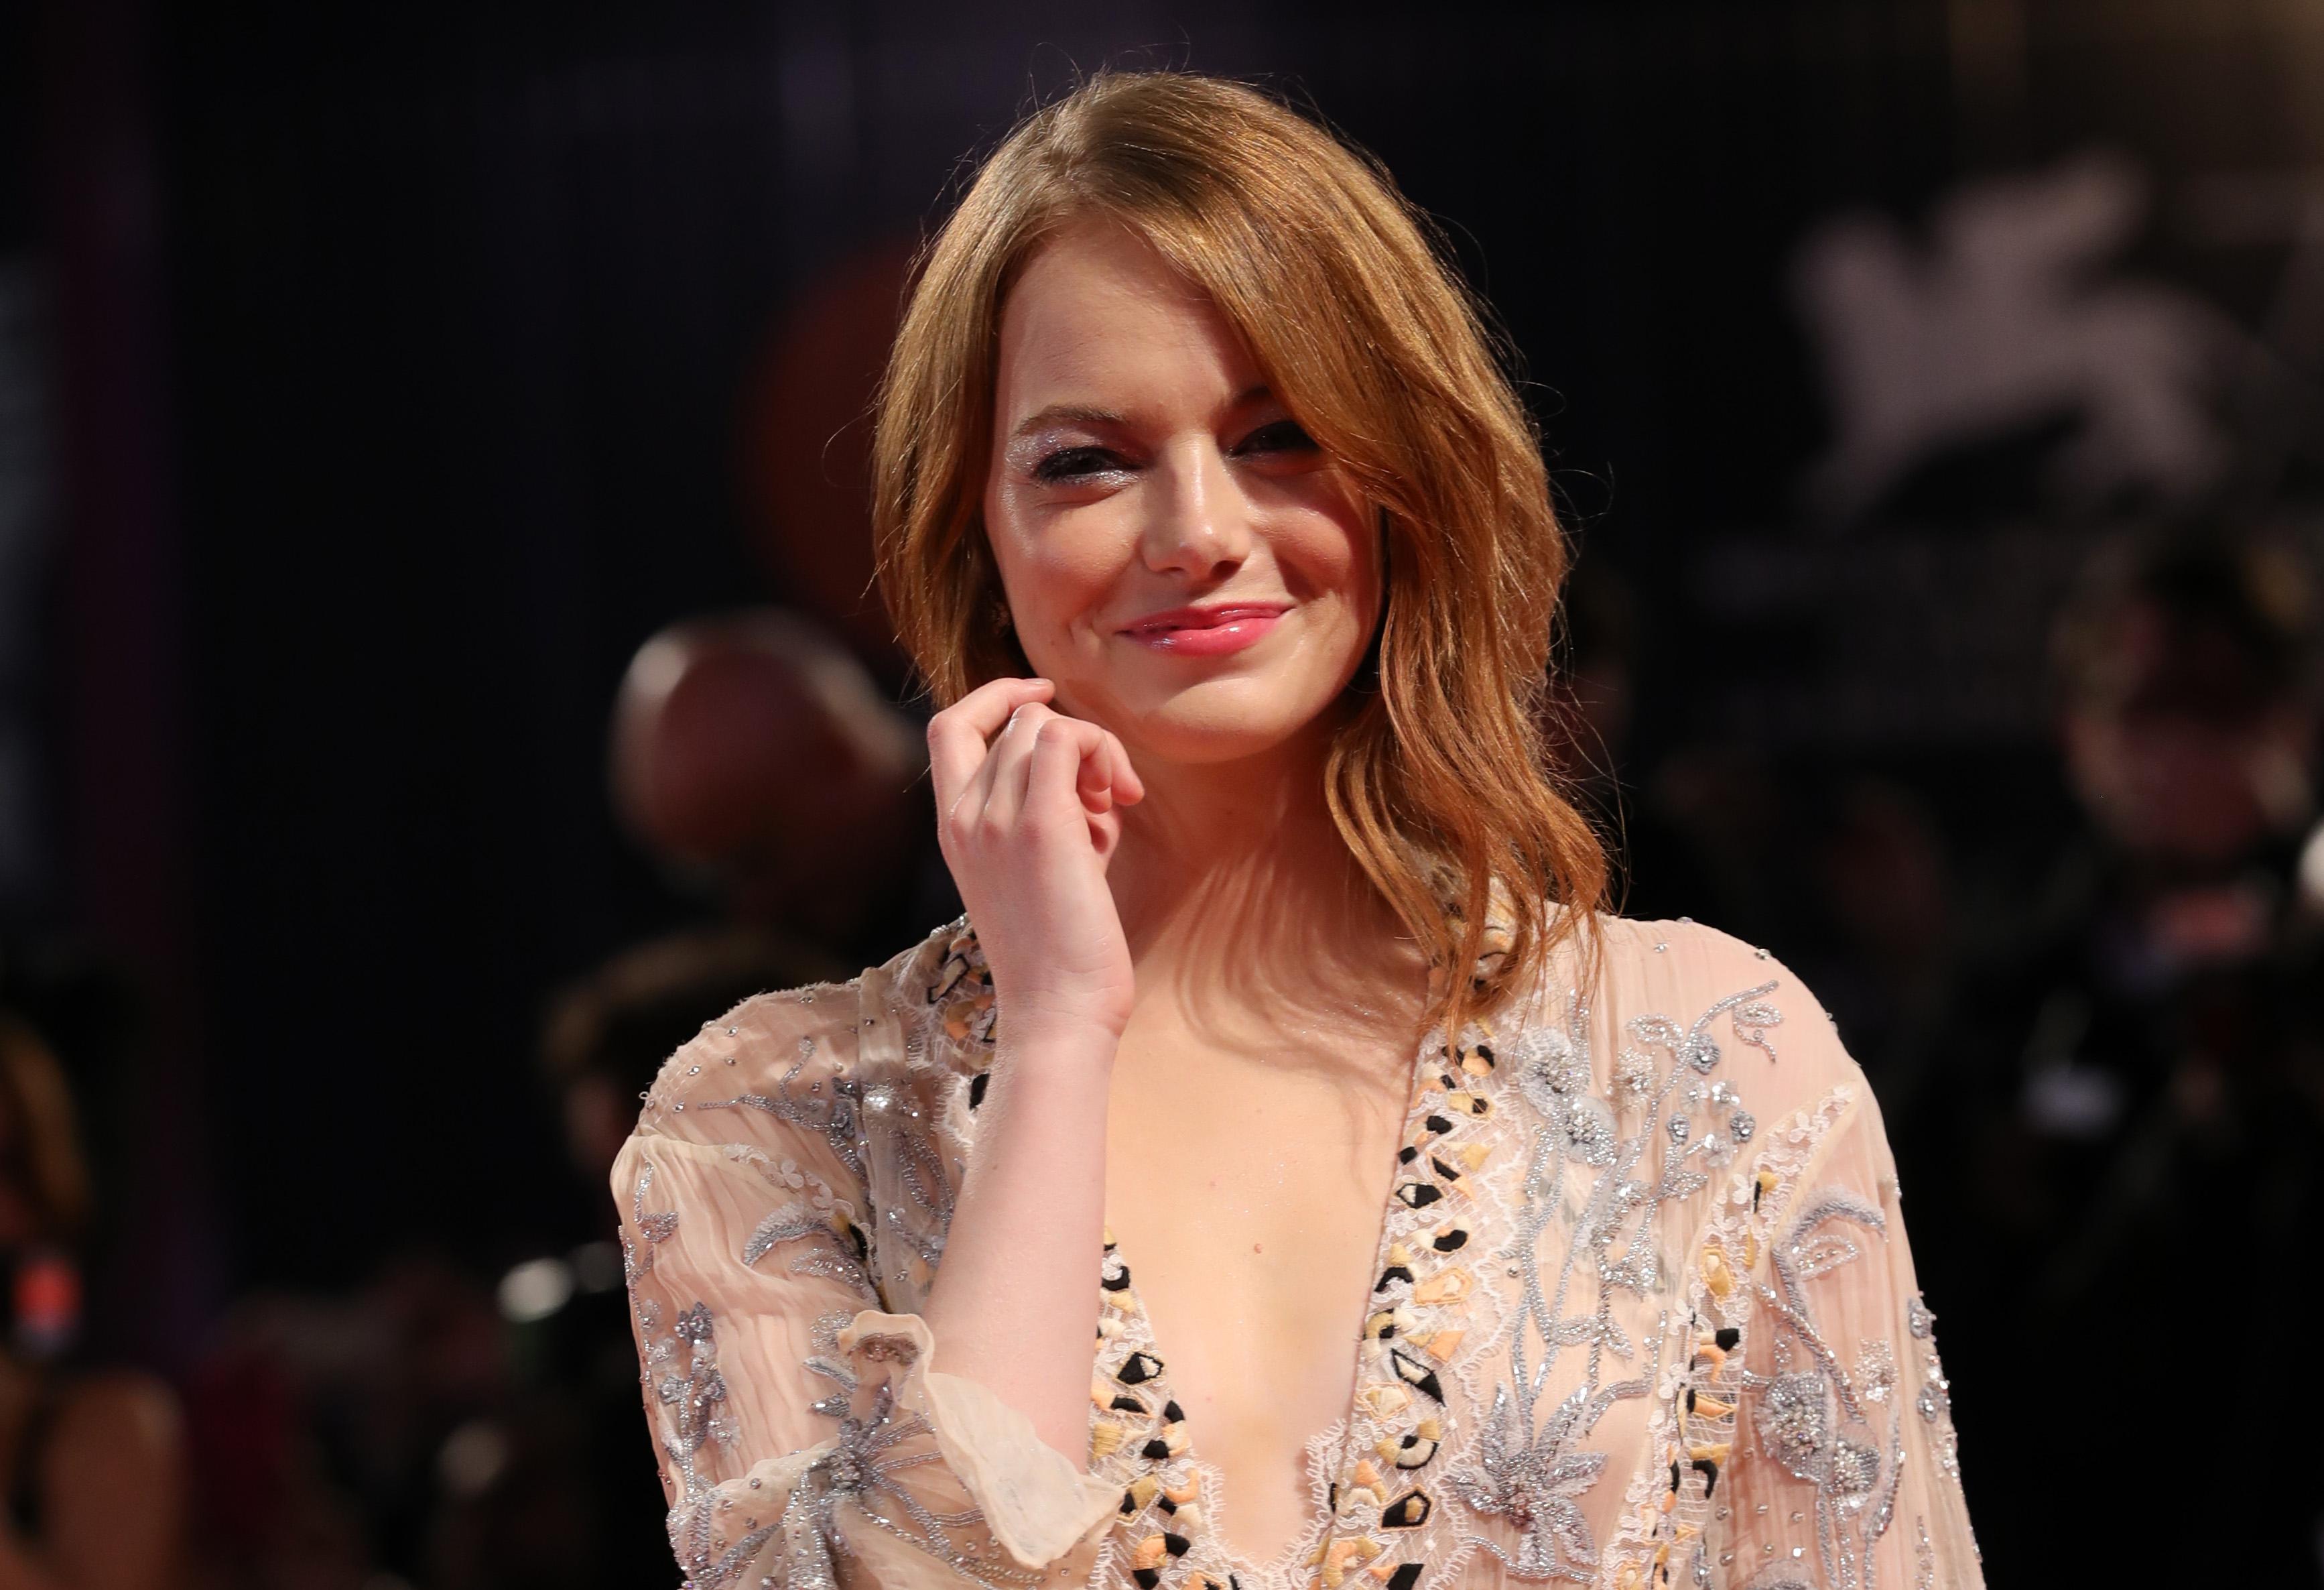 Самое необходимое: какой косметикой пользуется Эмма Стоун?